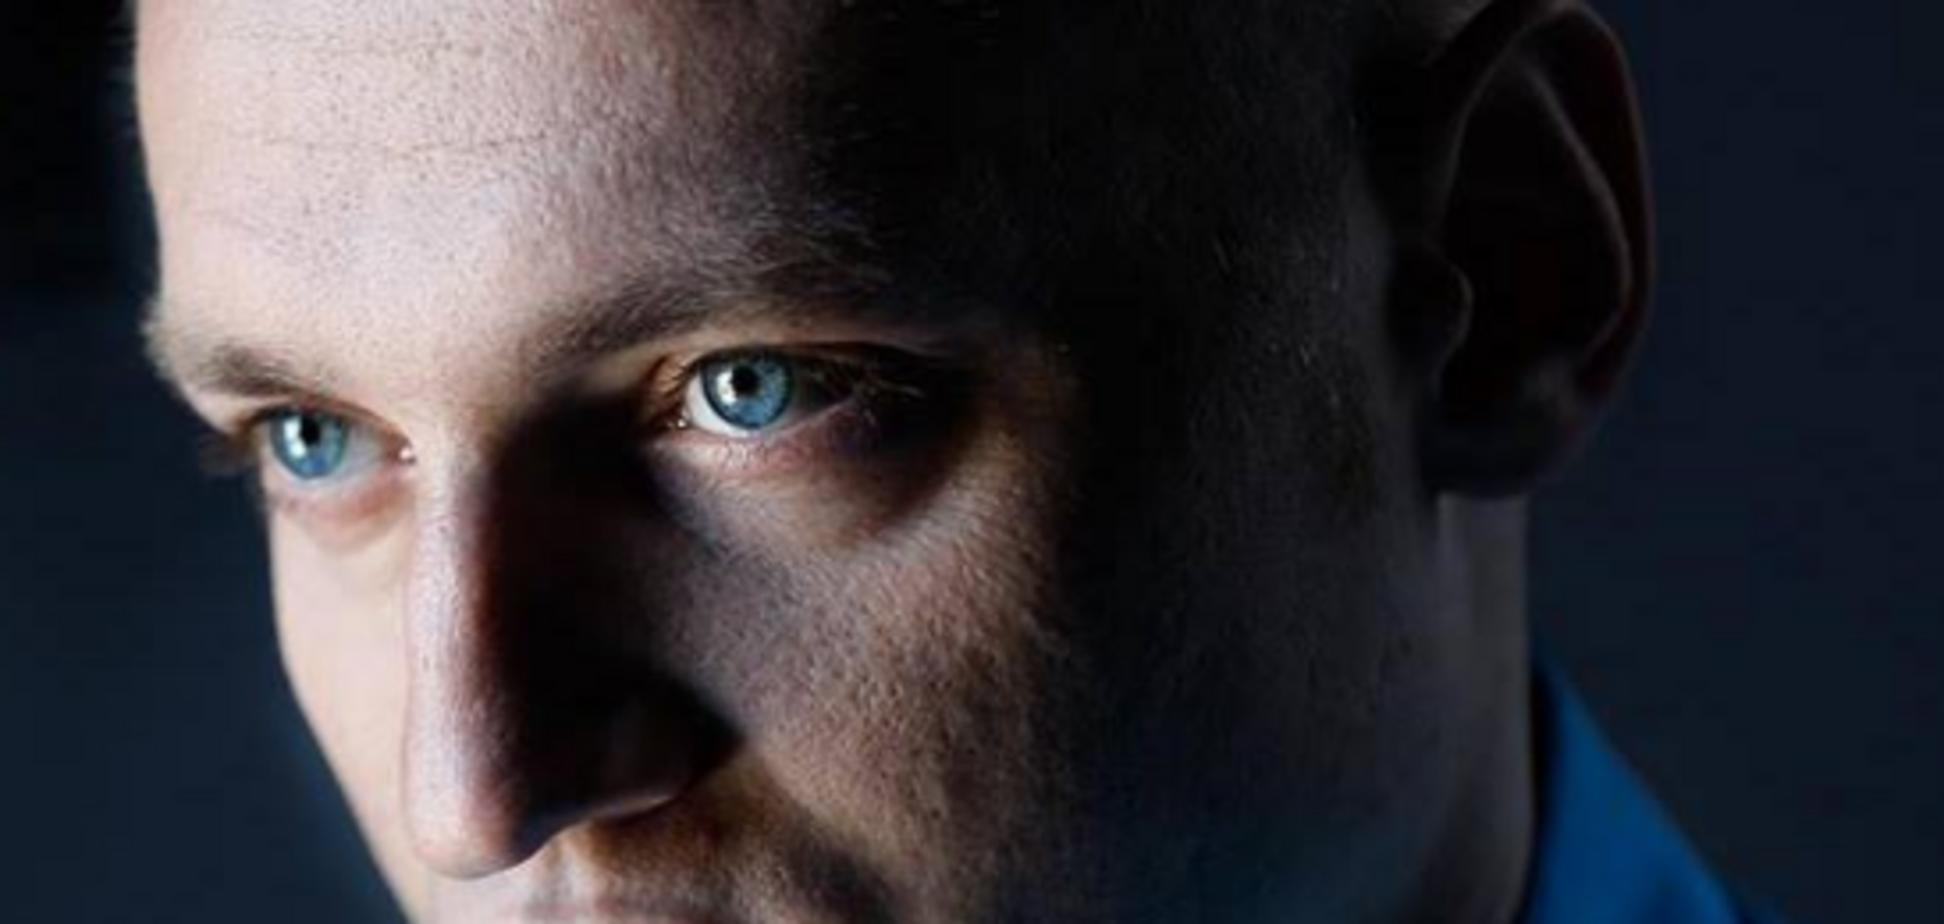 Був незручним: Бутусов дізнався про конфлікт Волошина в армії